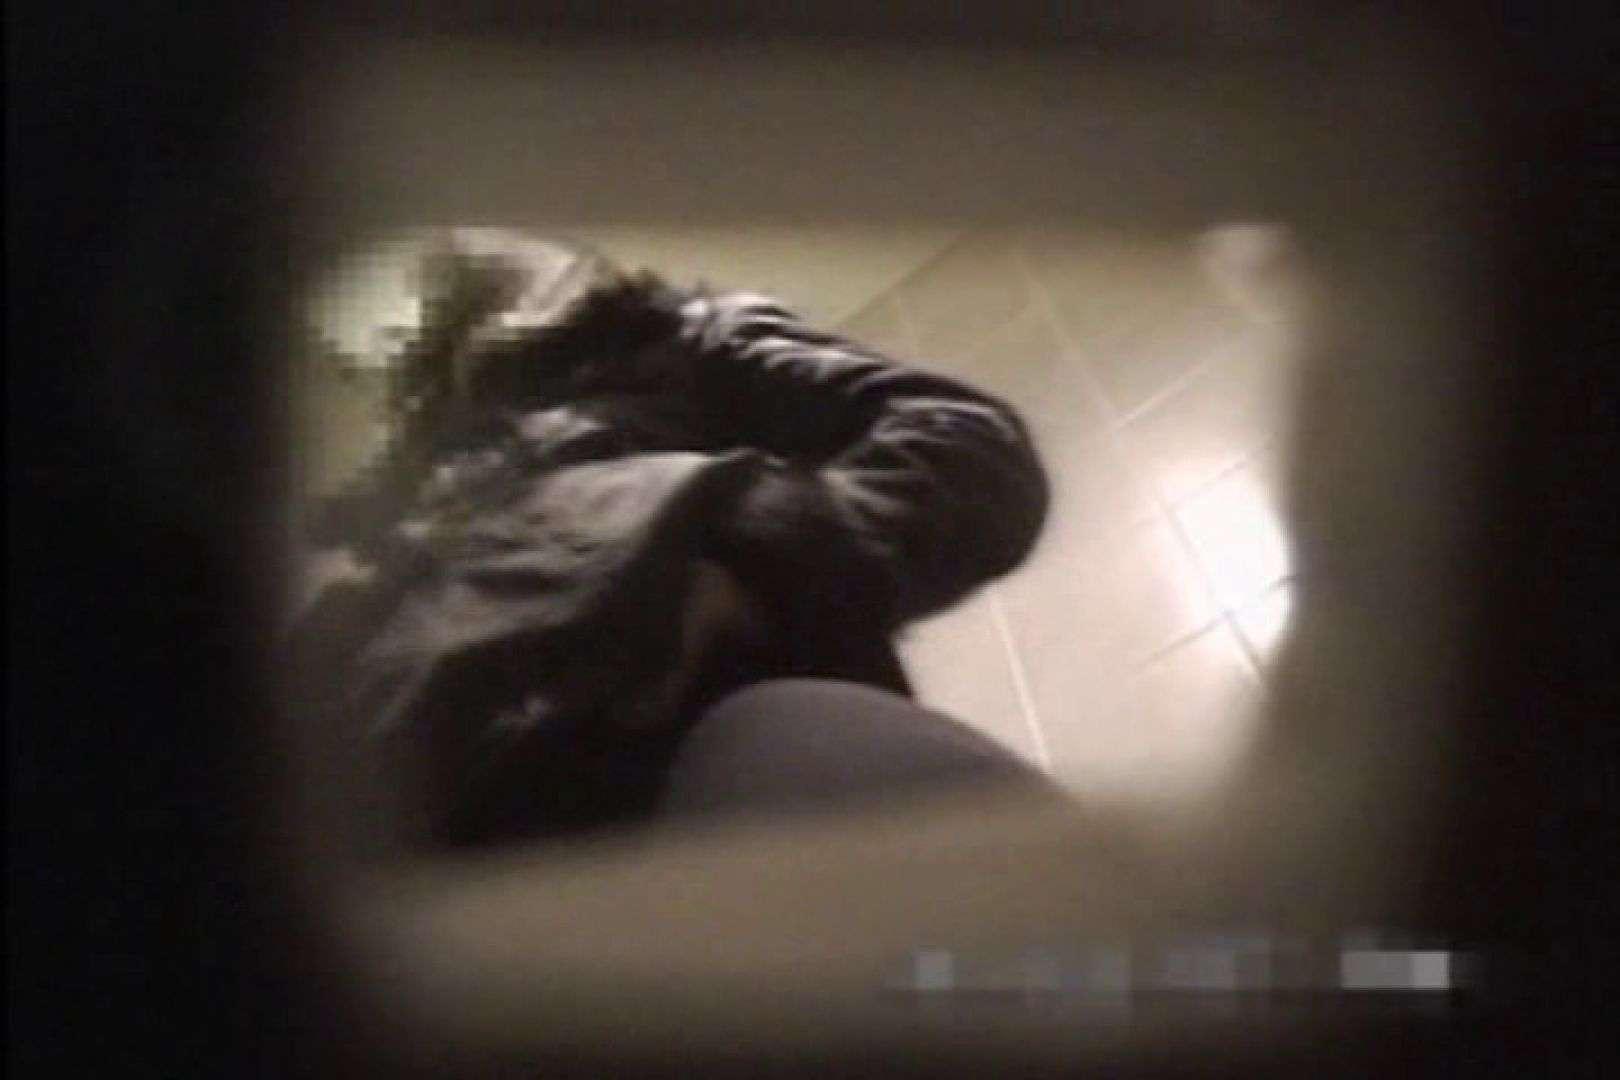 STY-013 実録!2カメde女子洗面所 名作 AV動画キャプチャ 113pic 19